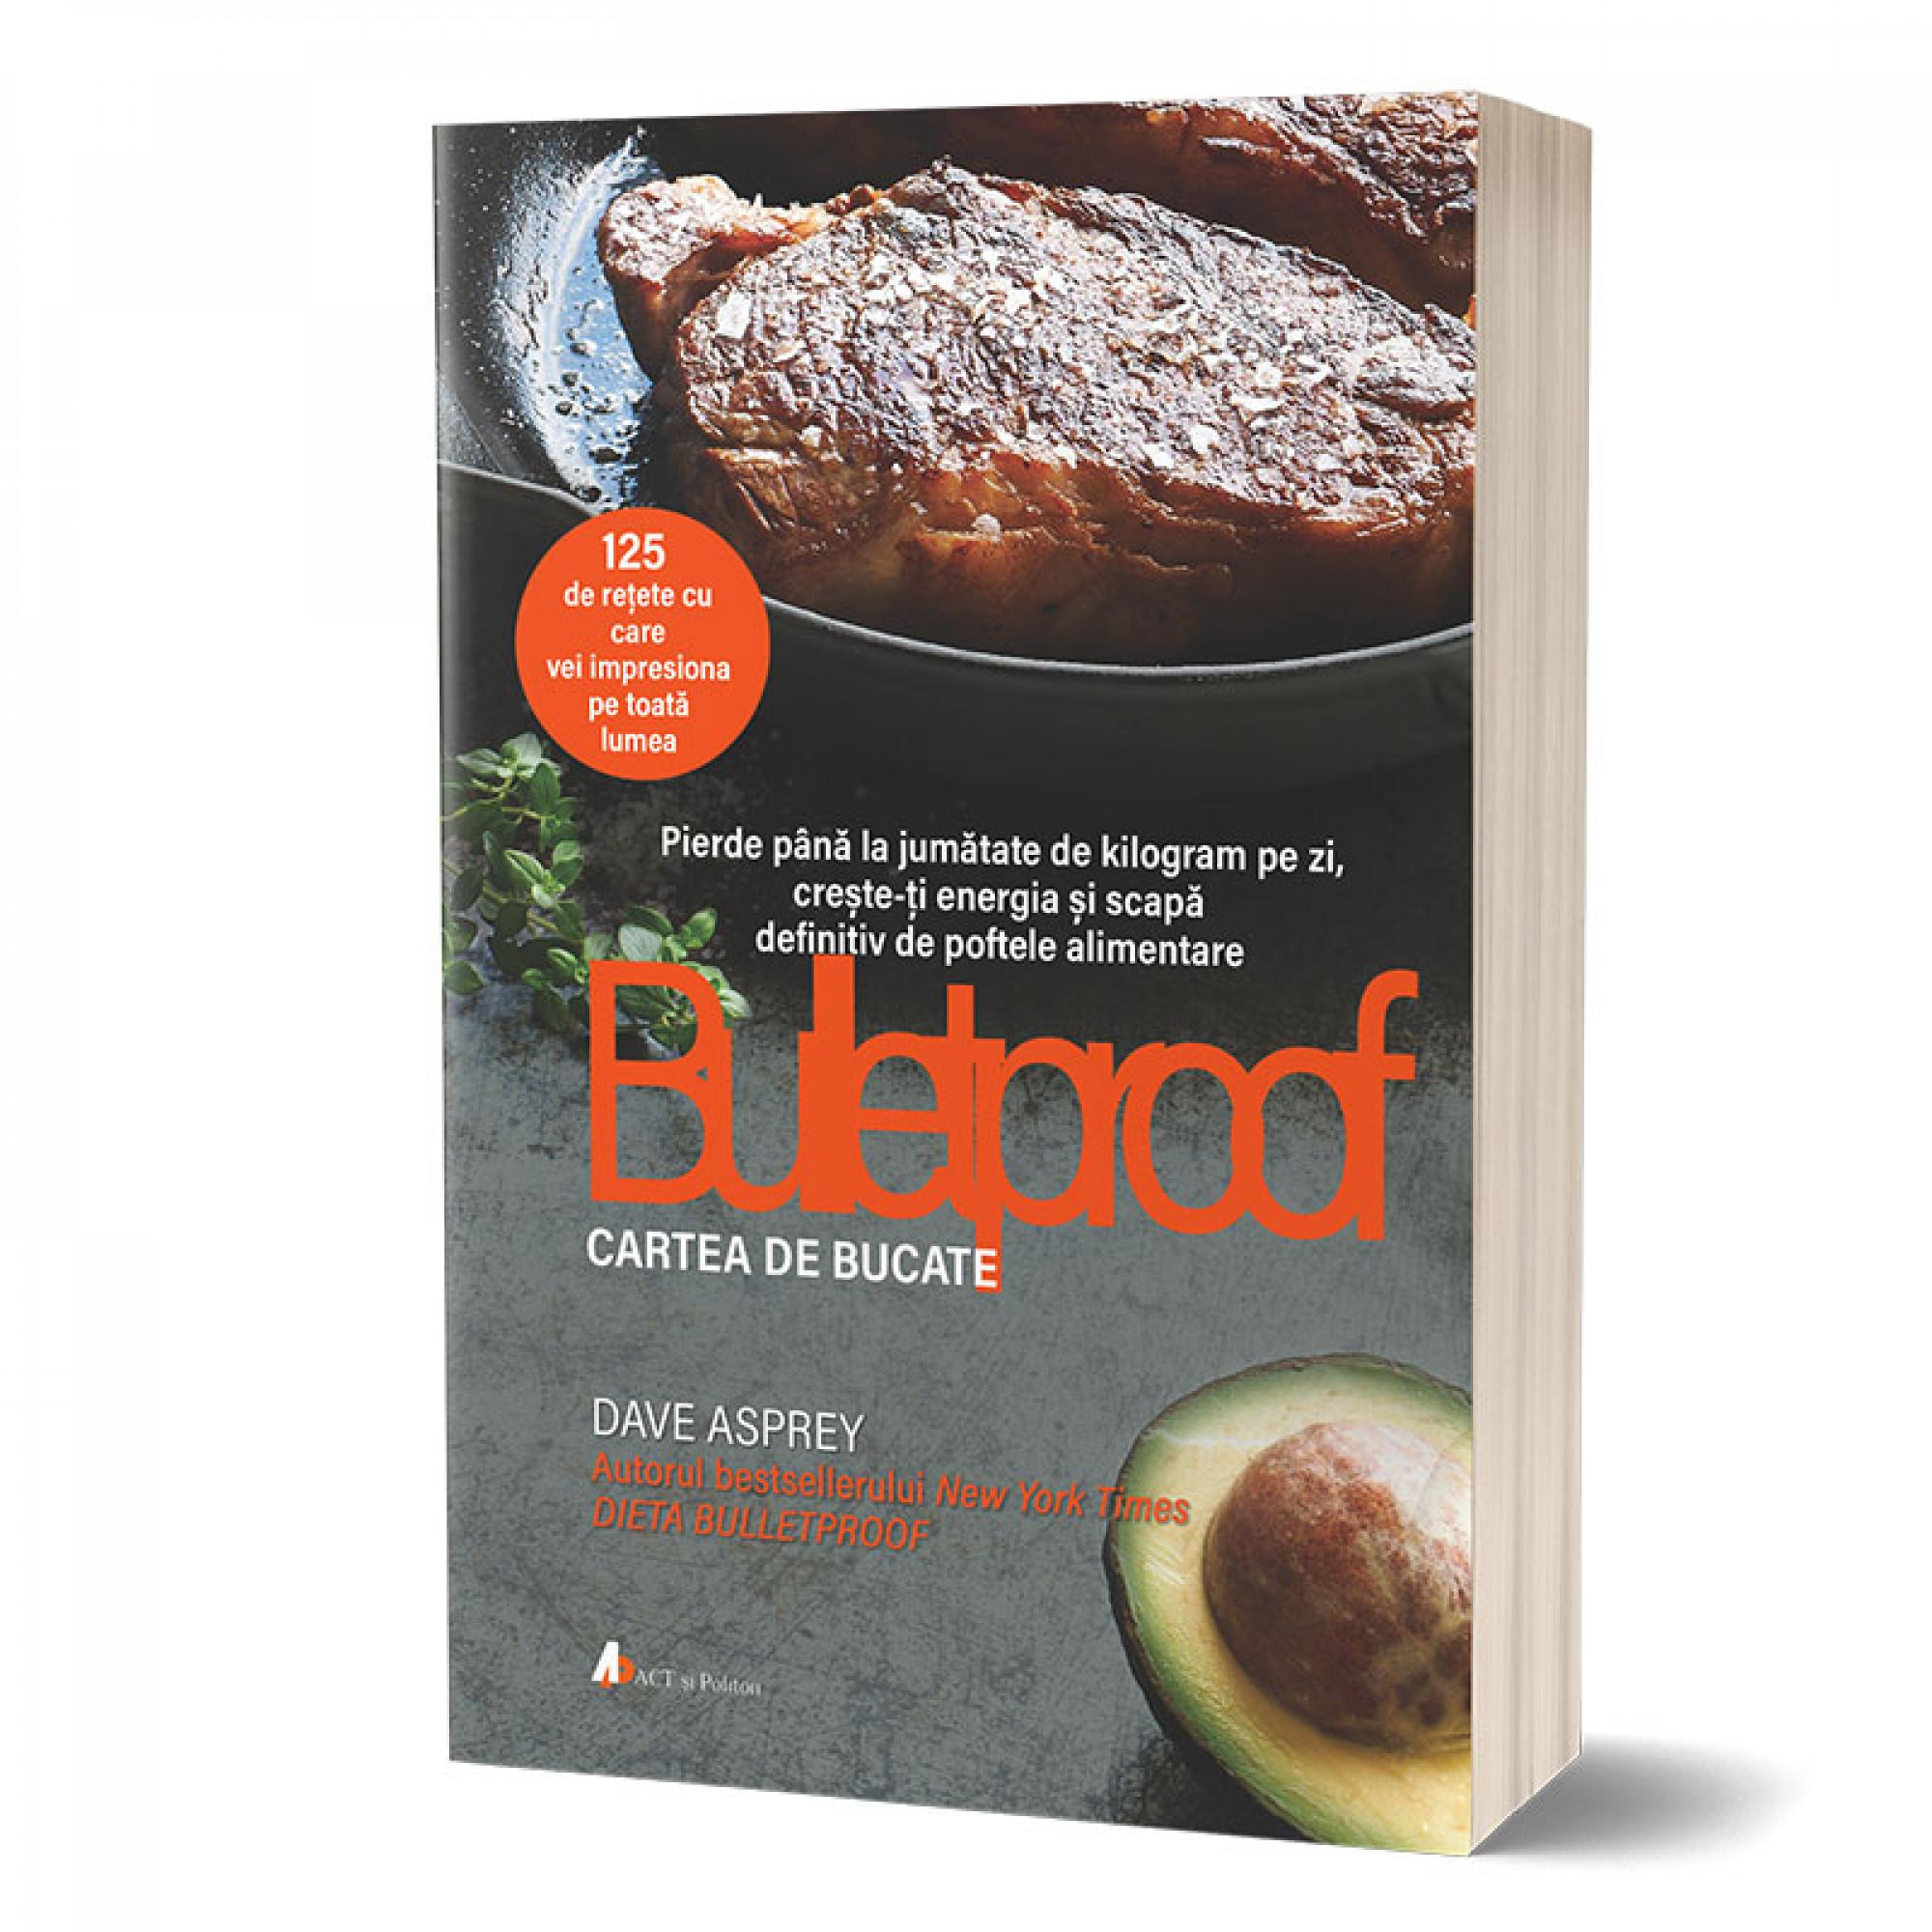 Bulletproof. Cartea de bucate: Pierde până la jumătate de kilogram pe zi, crește-ți energia și scapă de poftele alimentare